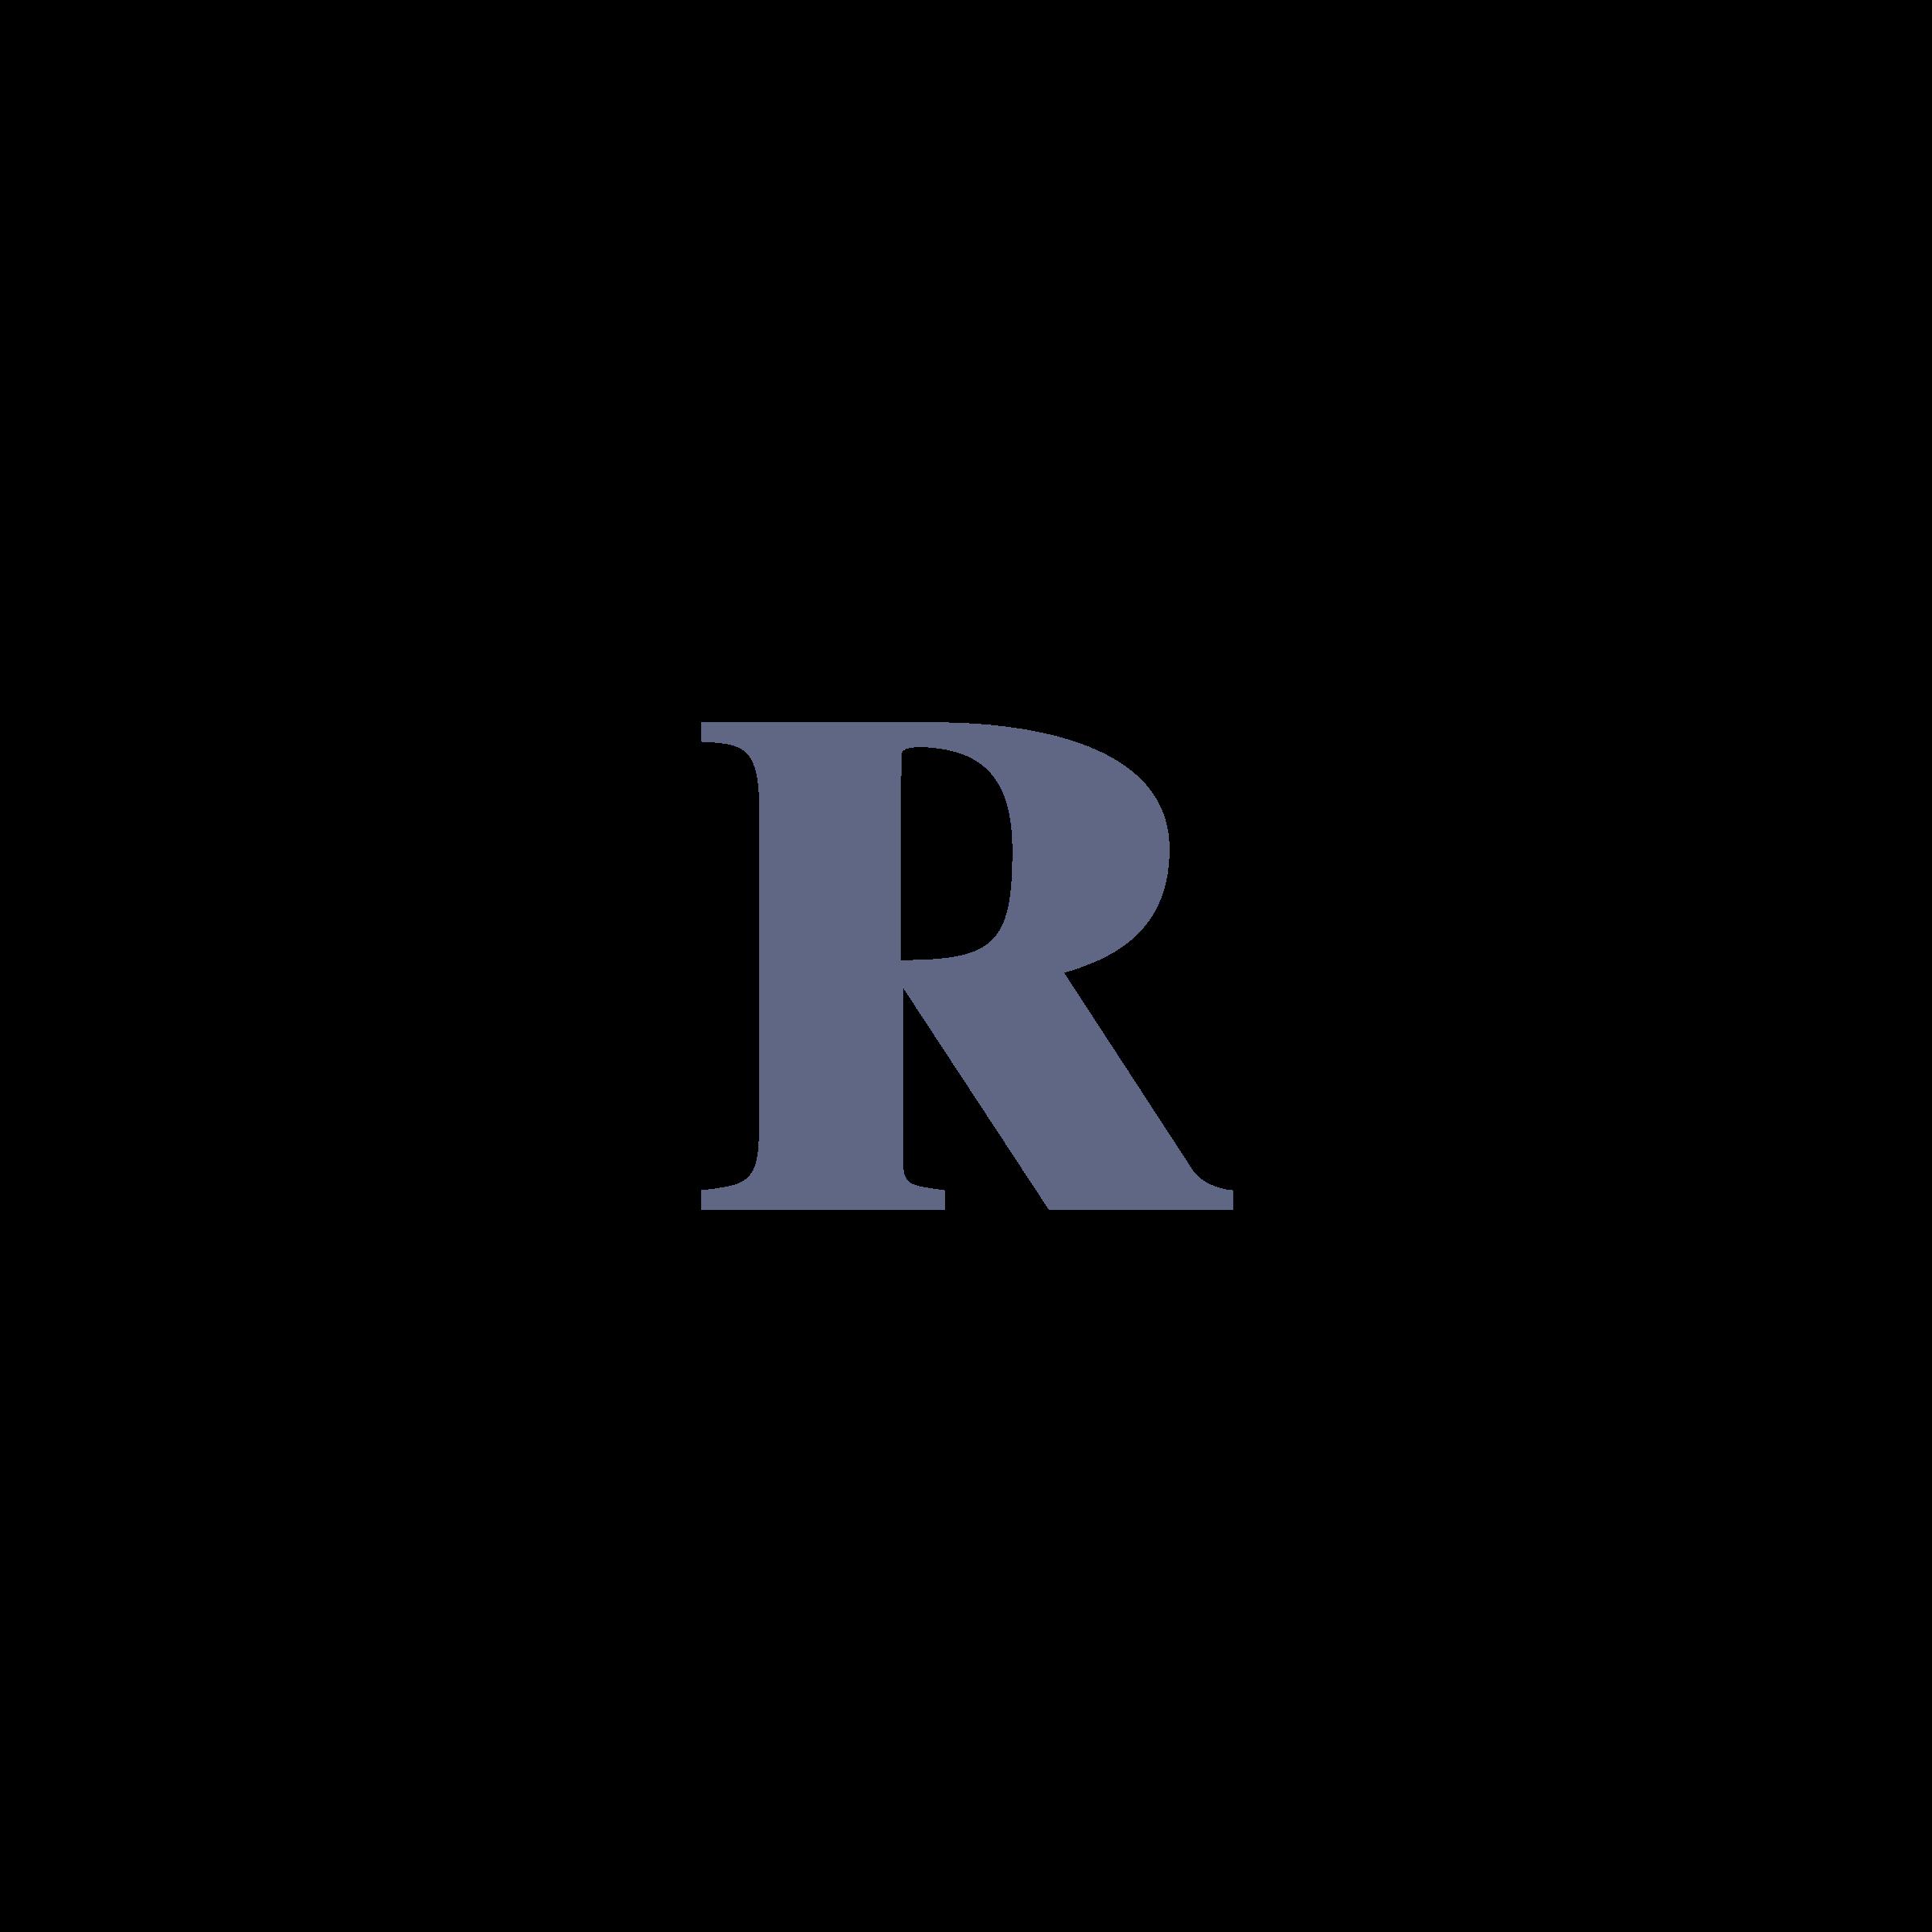 MRM Logo PNG Transparent & SVG...